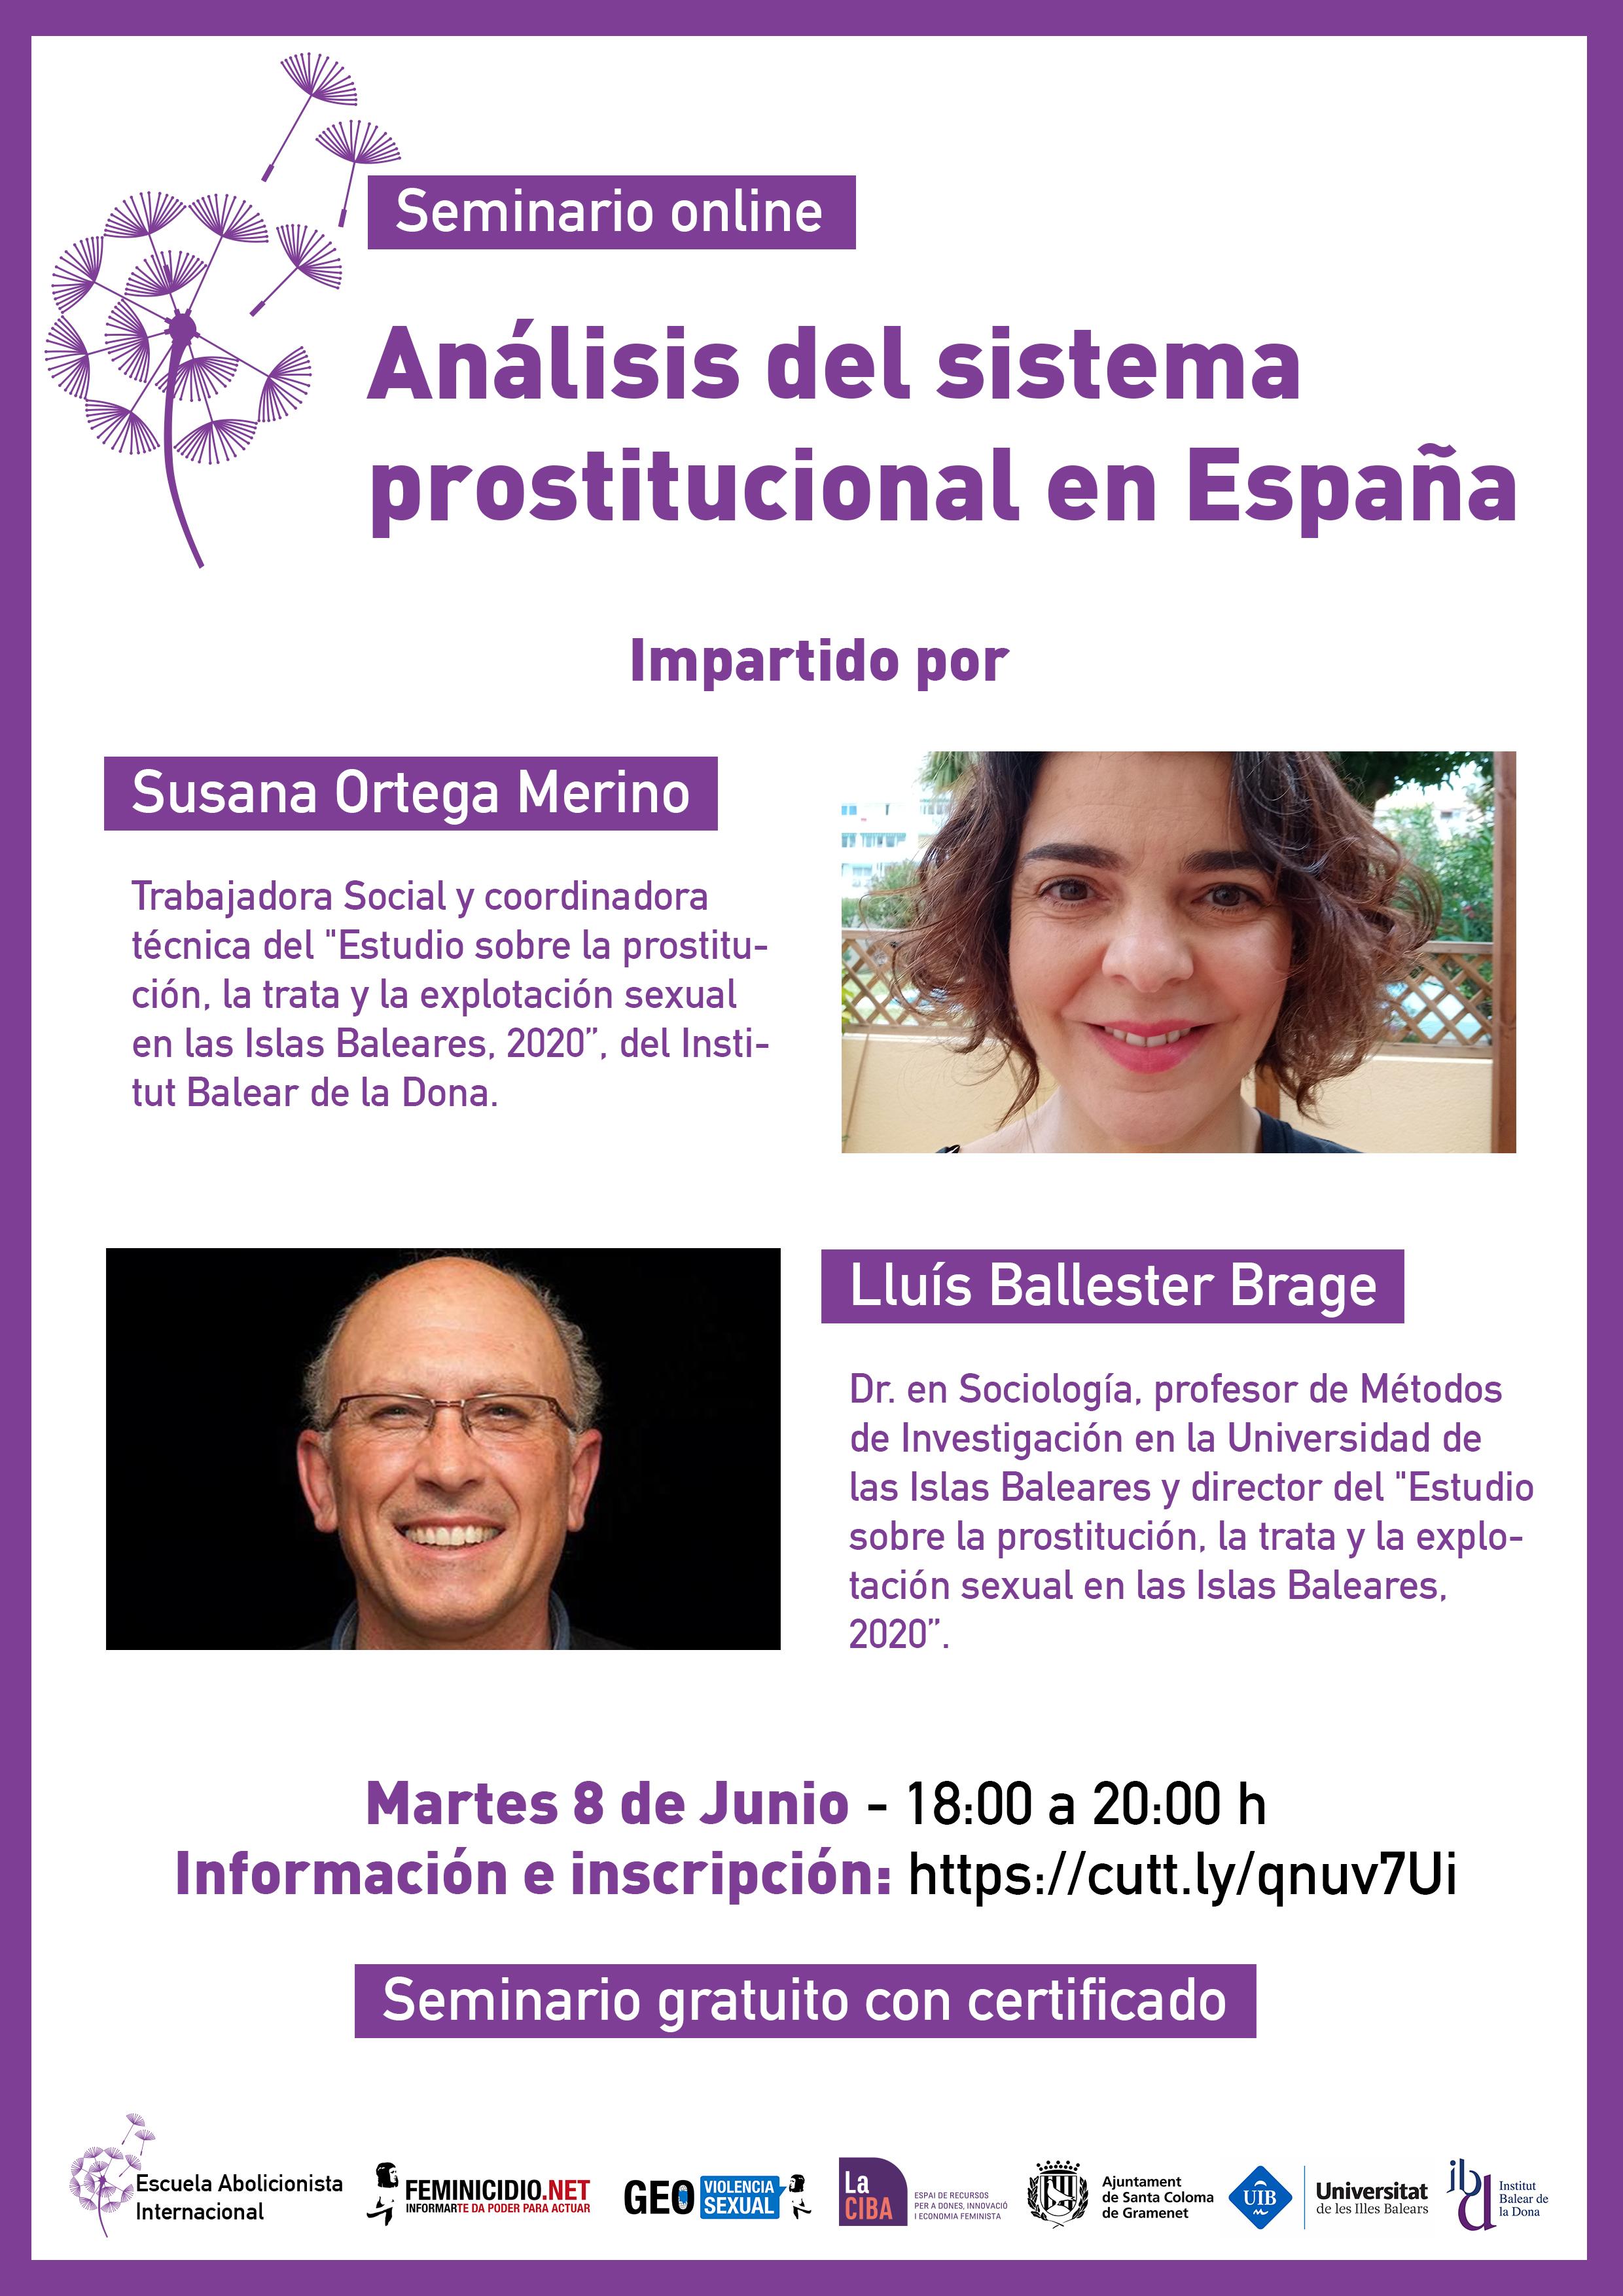 Seminario Análisis del sistema prostitucional en España